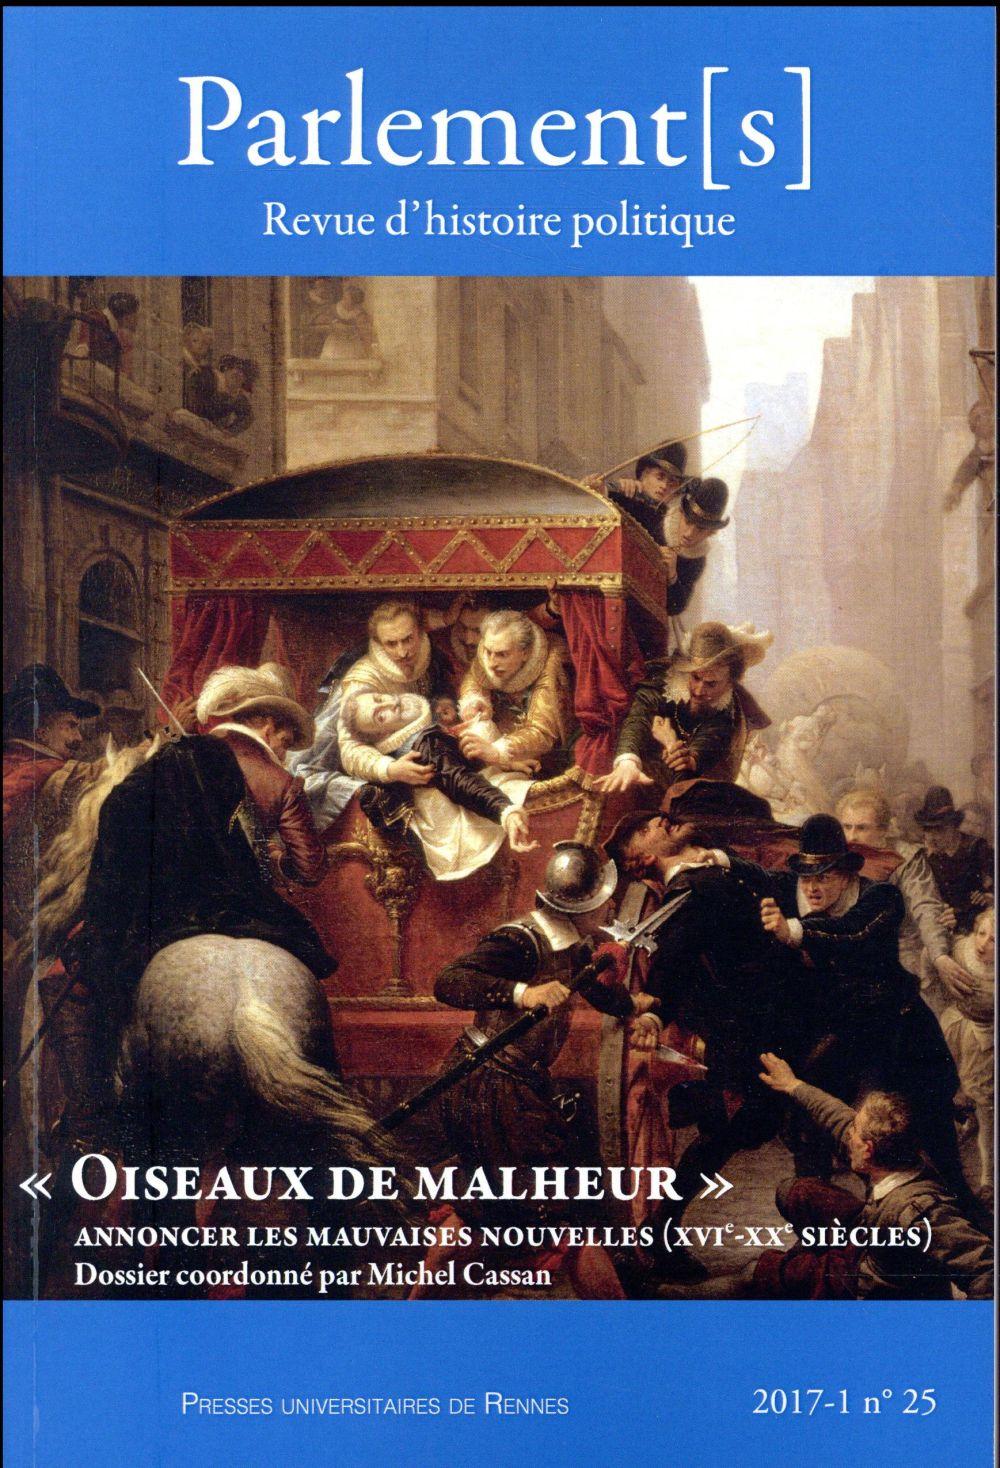 OISEAUX DE MALHEUR - ANNONCER LES MAUVAISES NOUVELLES XVI XX E SIECLES